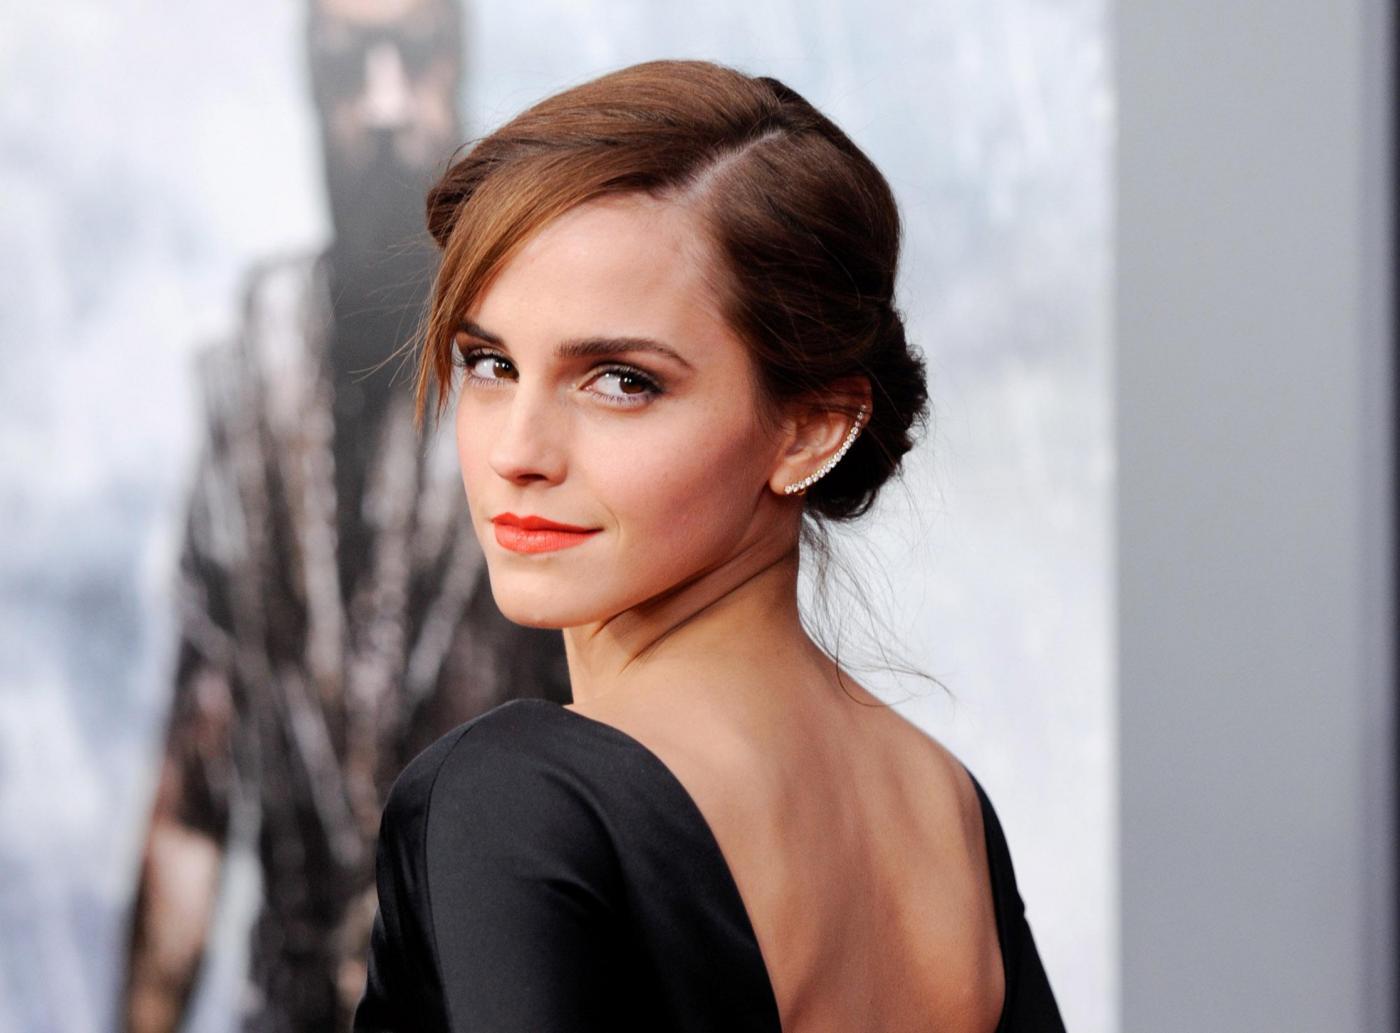 Emma Watson minacciata dagli hacker dopo il suo discorso alla conferenza ONU